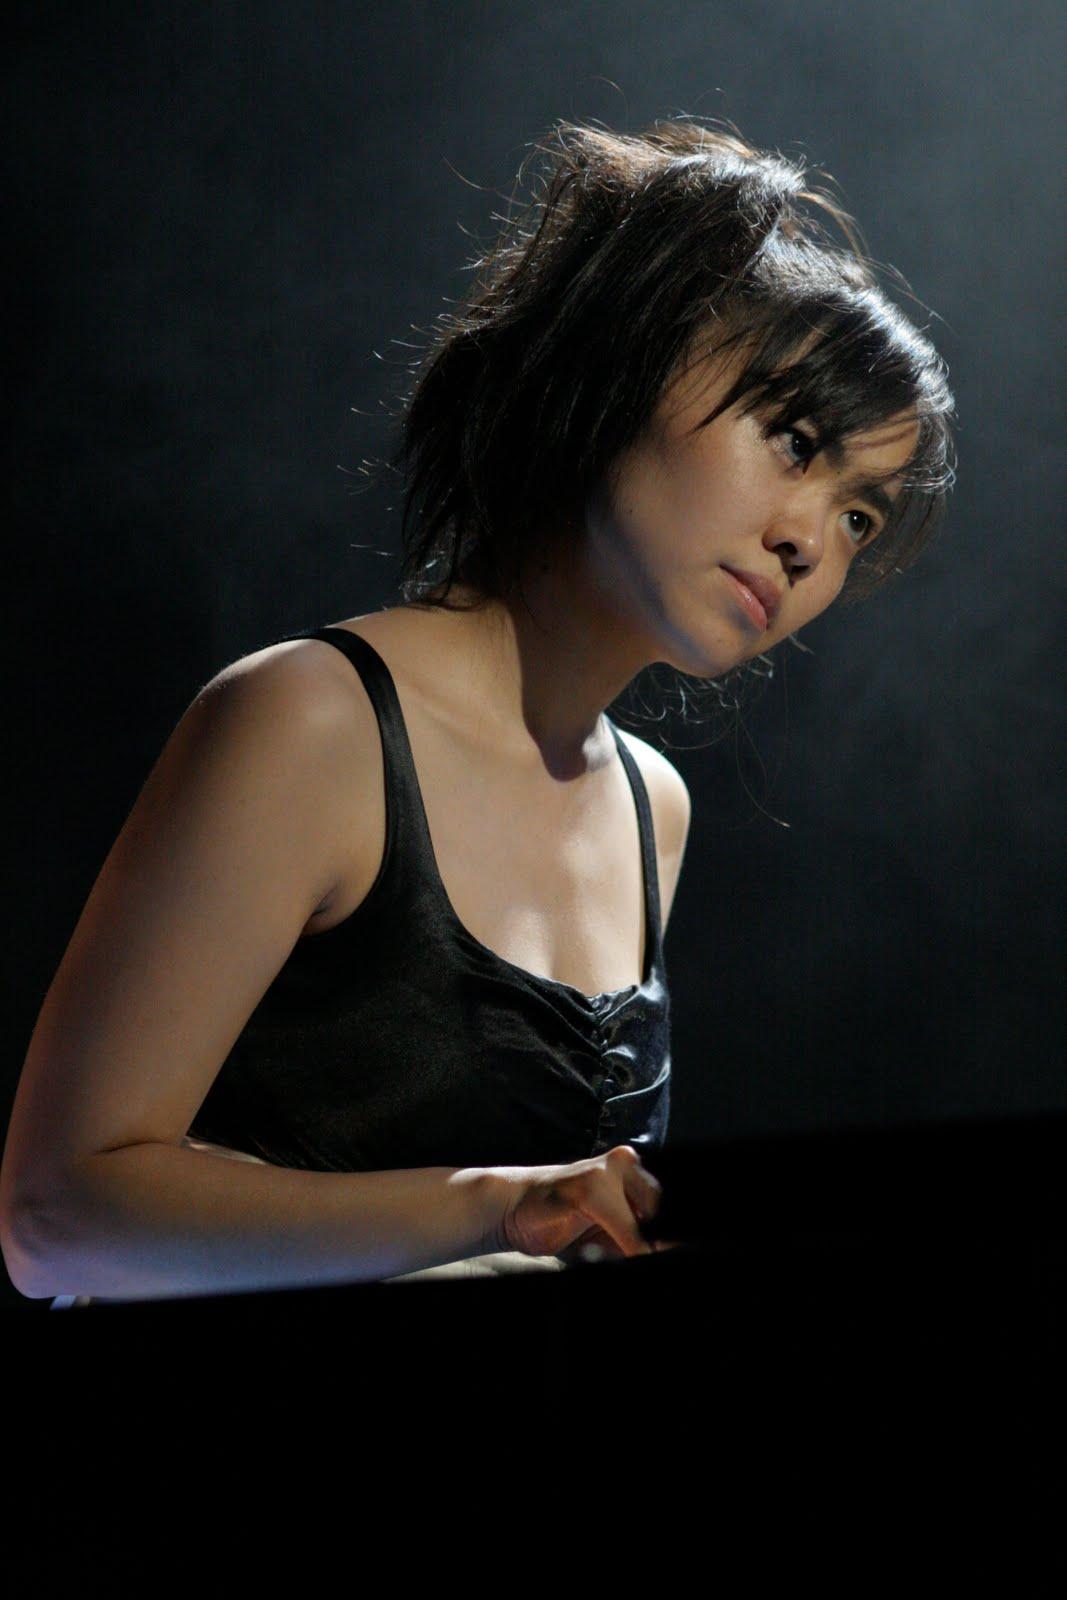 http://2.bp.blogspot.com/_vxRM7z378Jk/S-CK2WtO7cI/AAAAAAAAjHg/72IoWom5kCQ/s1600/Hiromi,_Jazz_pianist.jpg